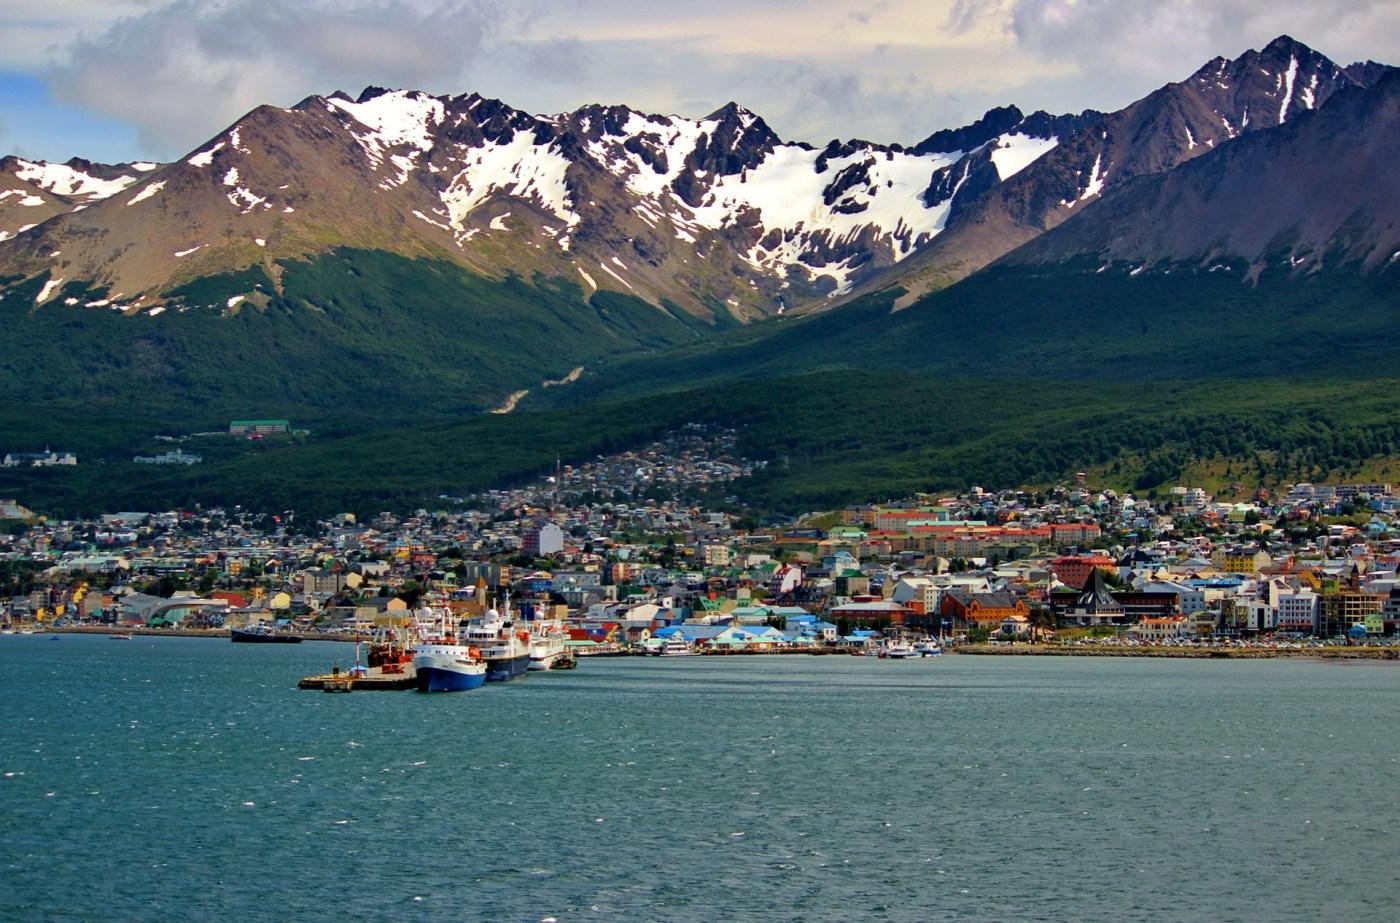 Conheça Ushuaia: o canto mais extremo do mundo! - Turismo & Cia